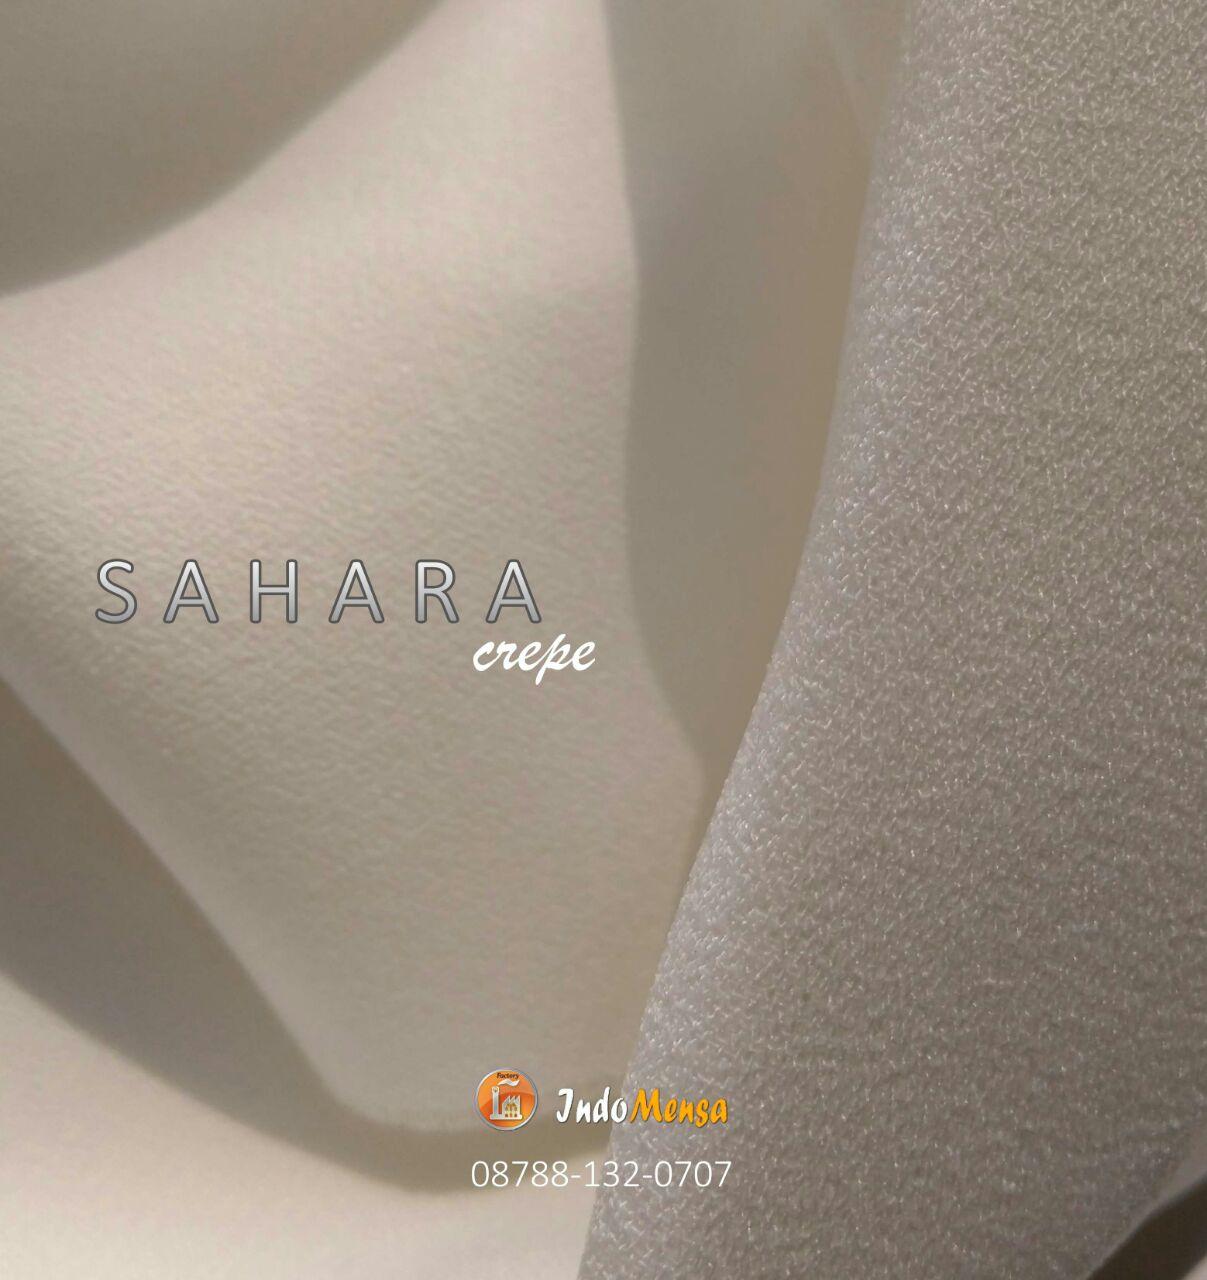 Bahan Kain Sahara Crepe